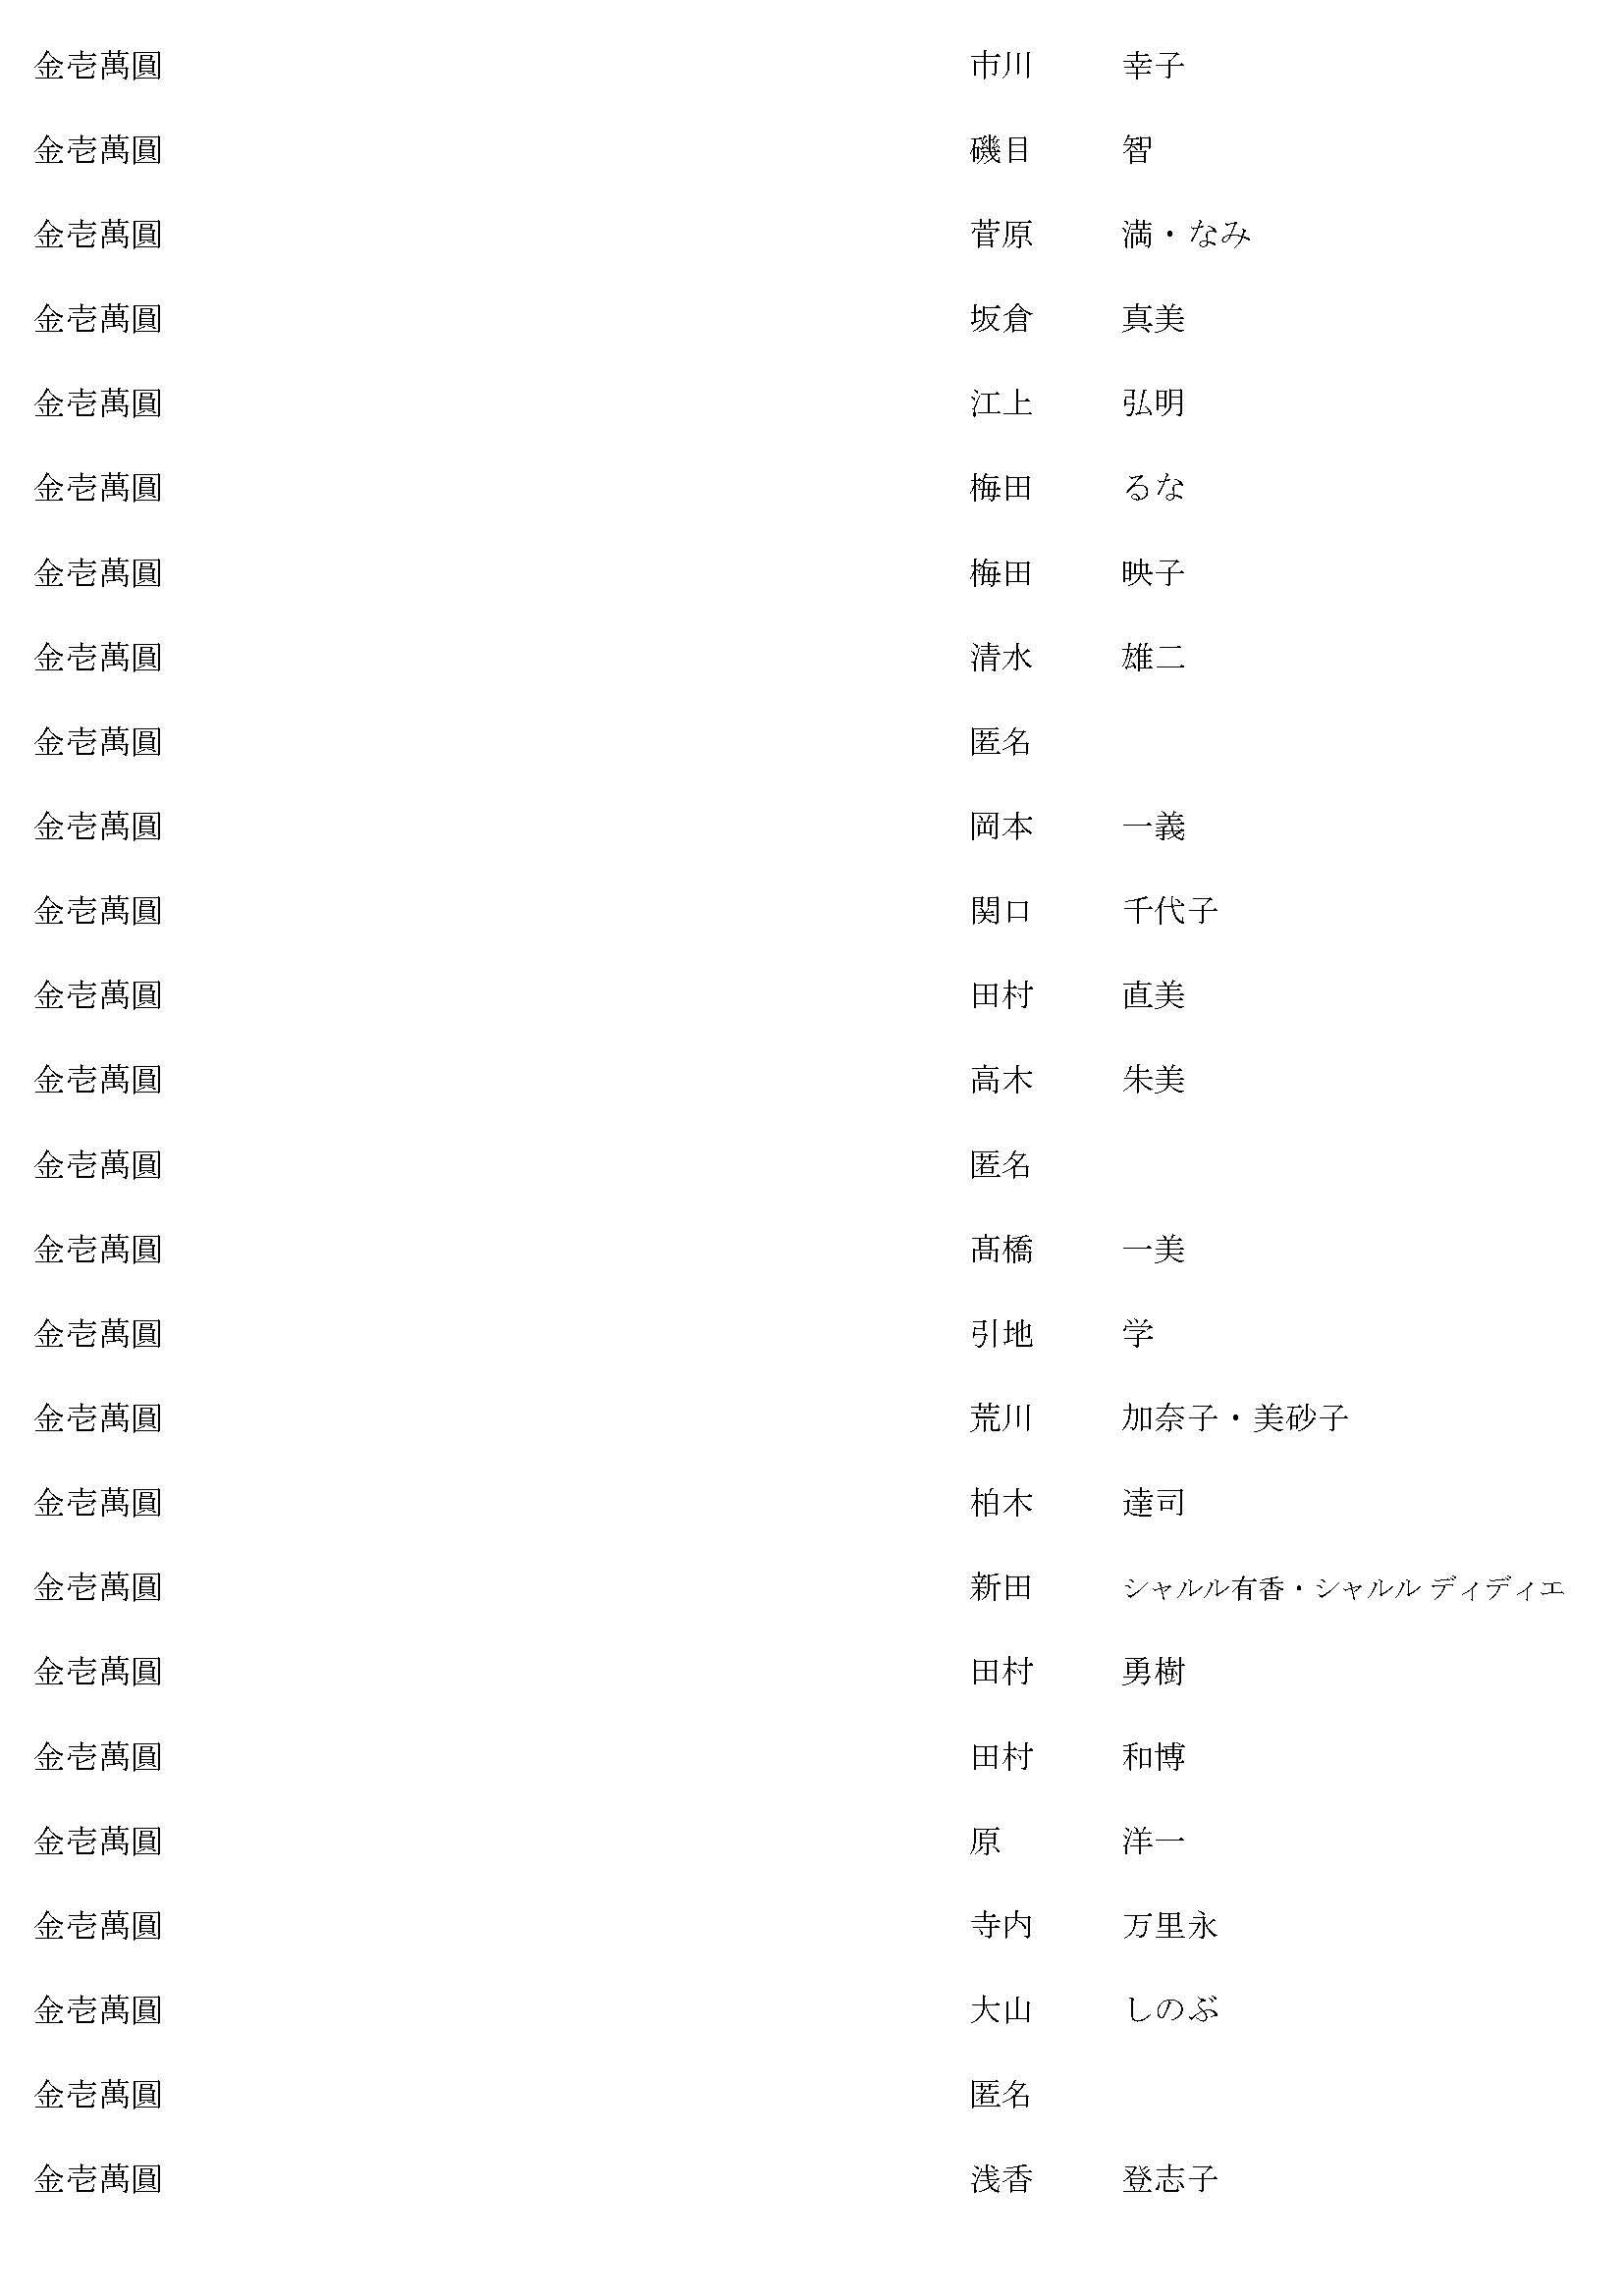 御鎮座七百年記念事業奉賛者御芳名簿18